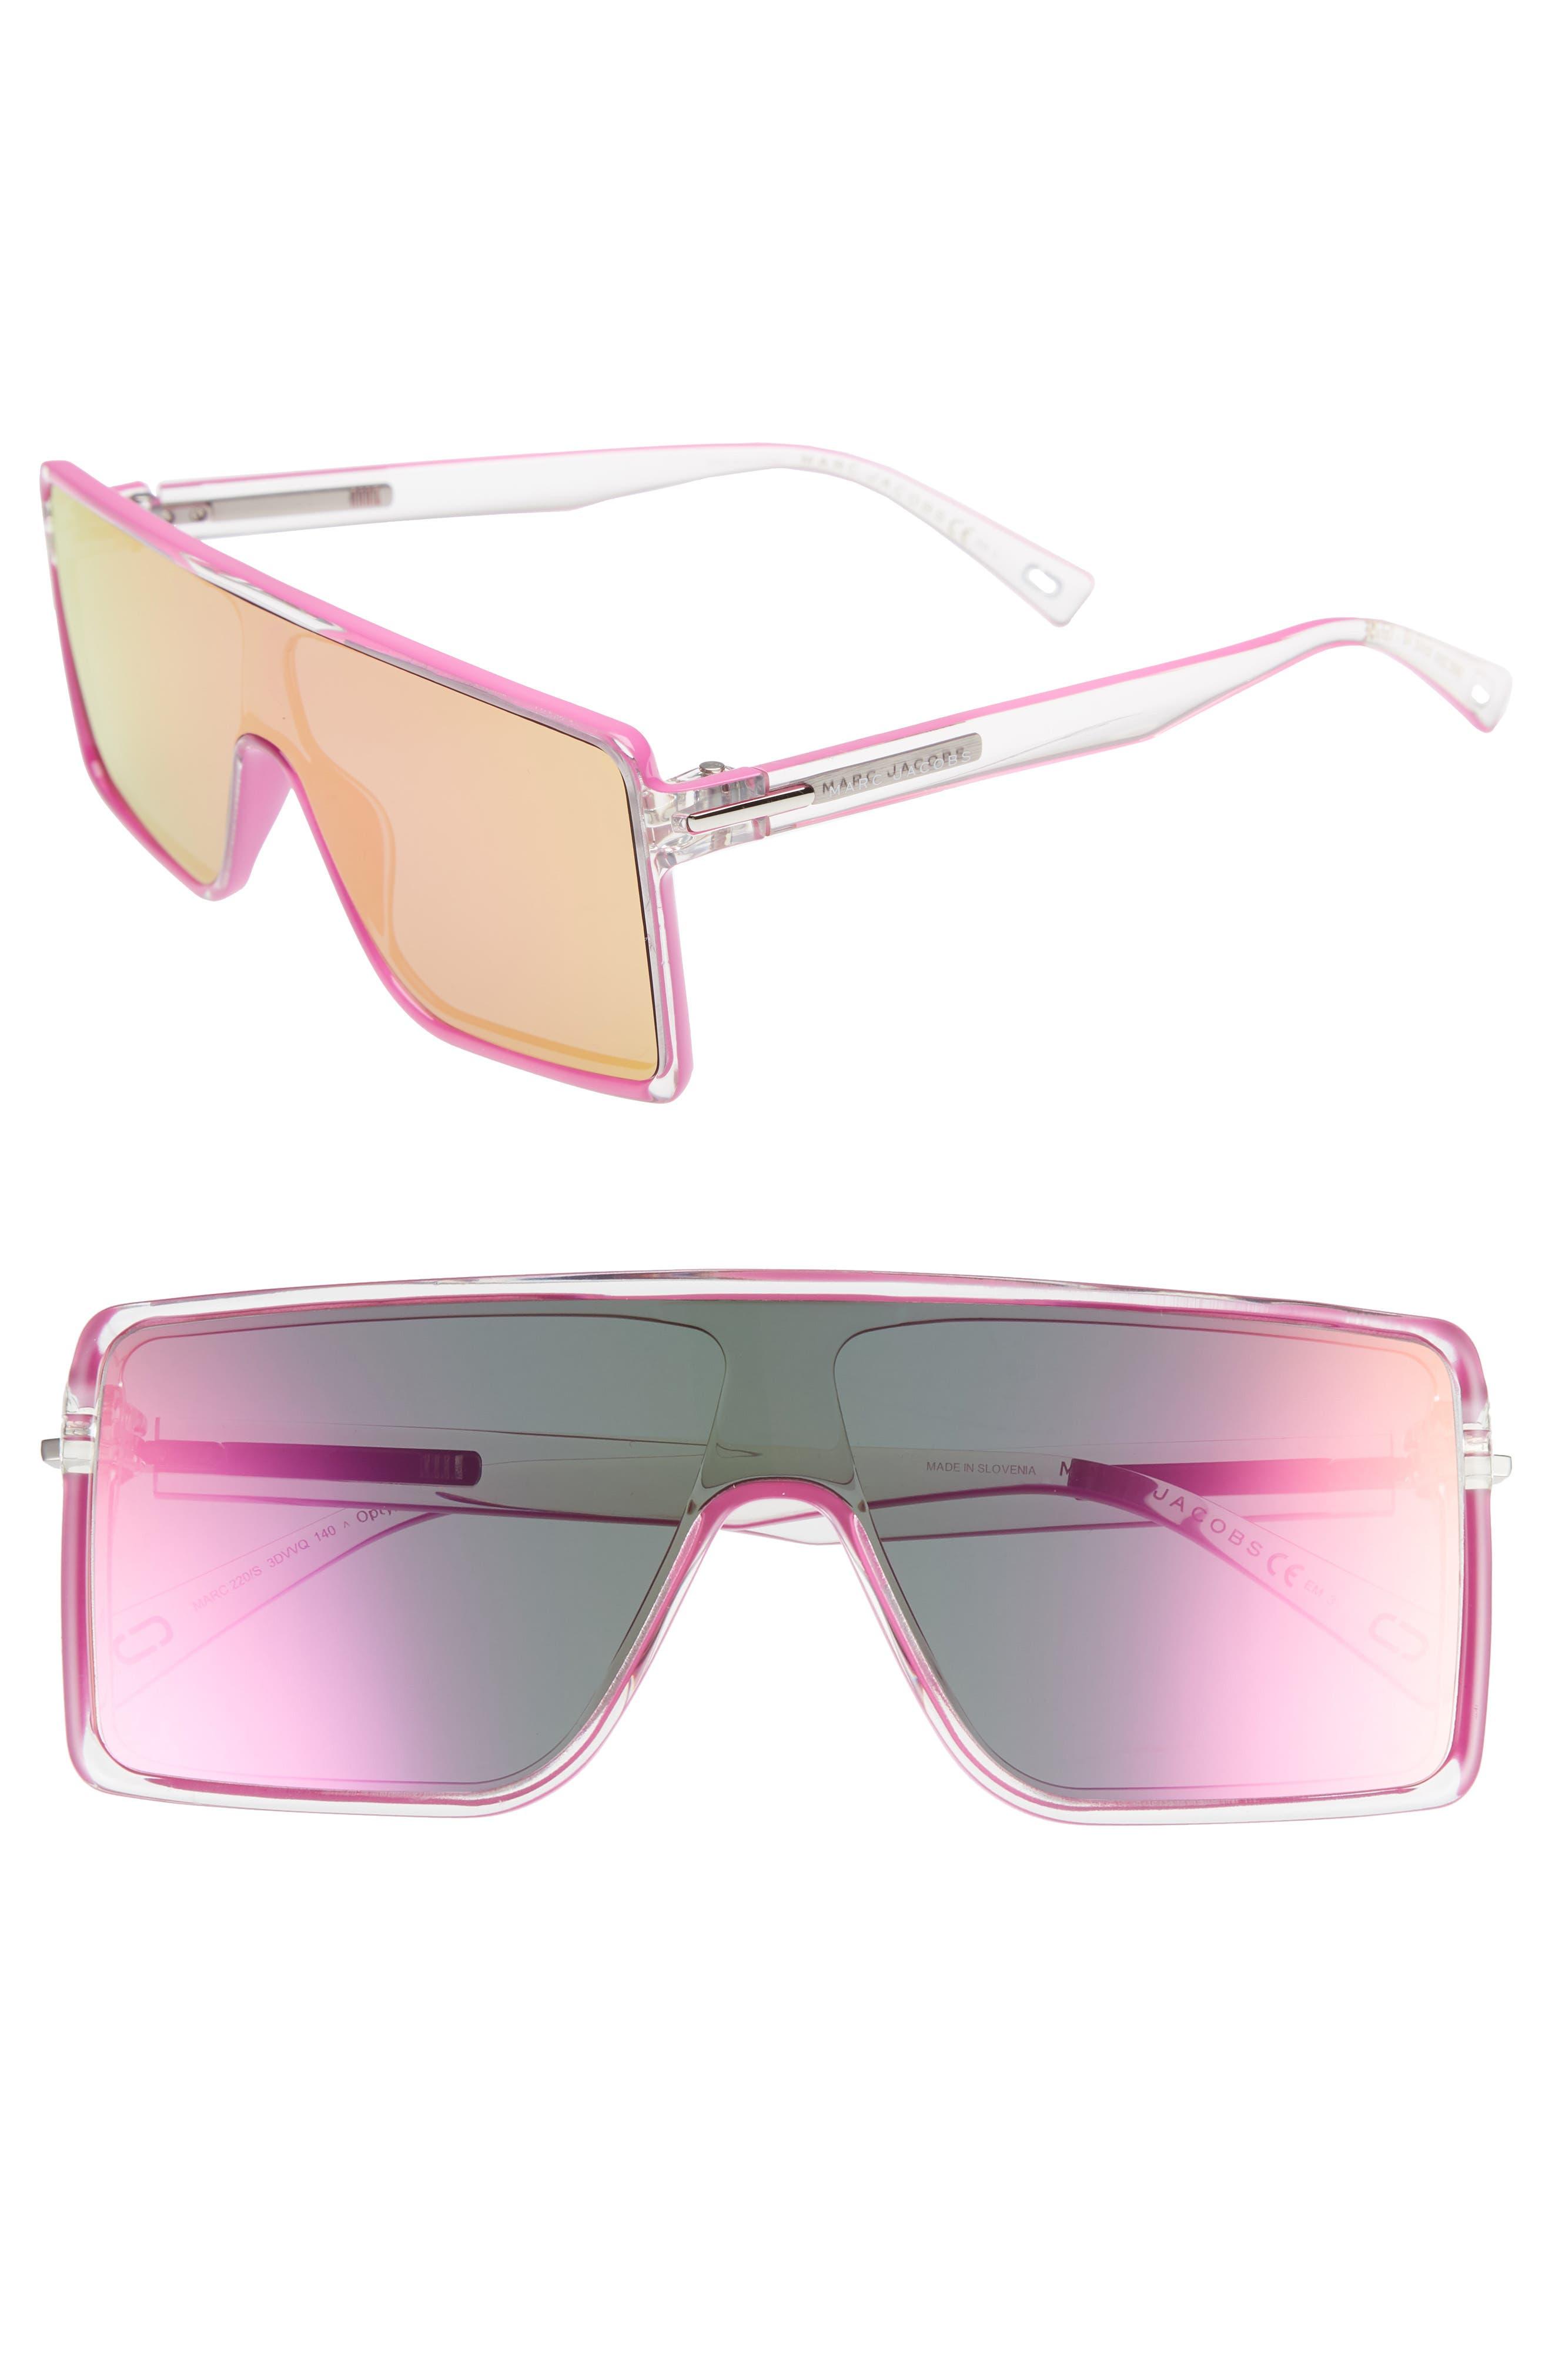 54mm Shield Sunglasses,                             Main thumbnail 1, color,                             Crystal Pink